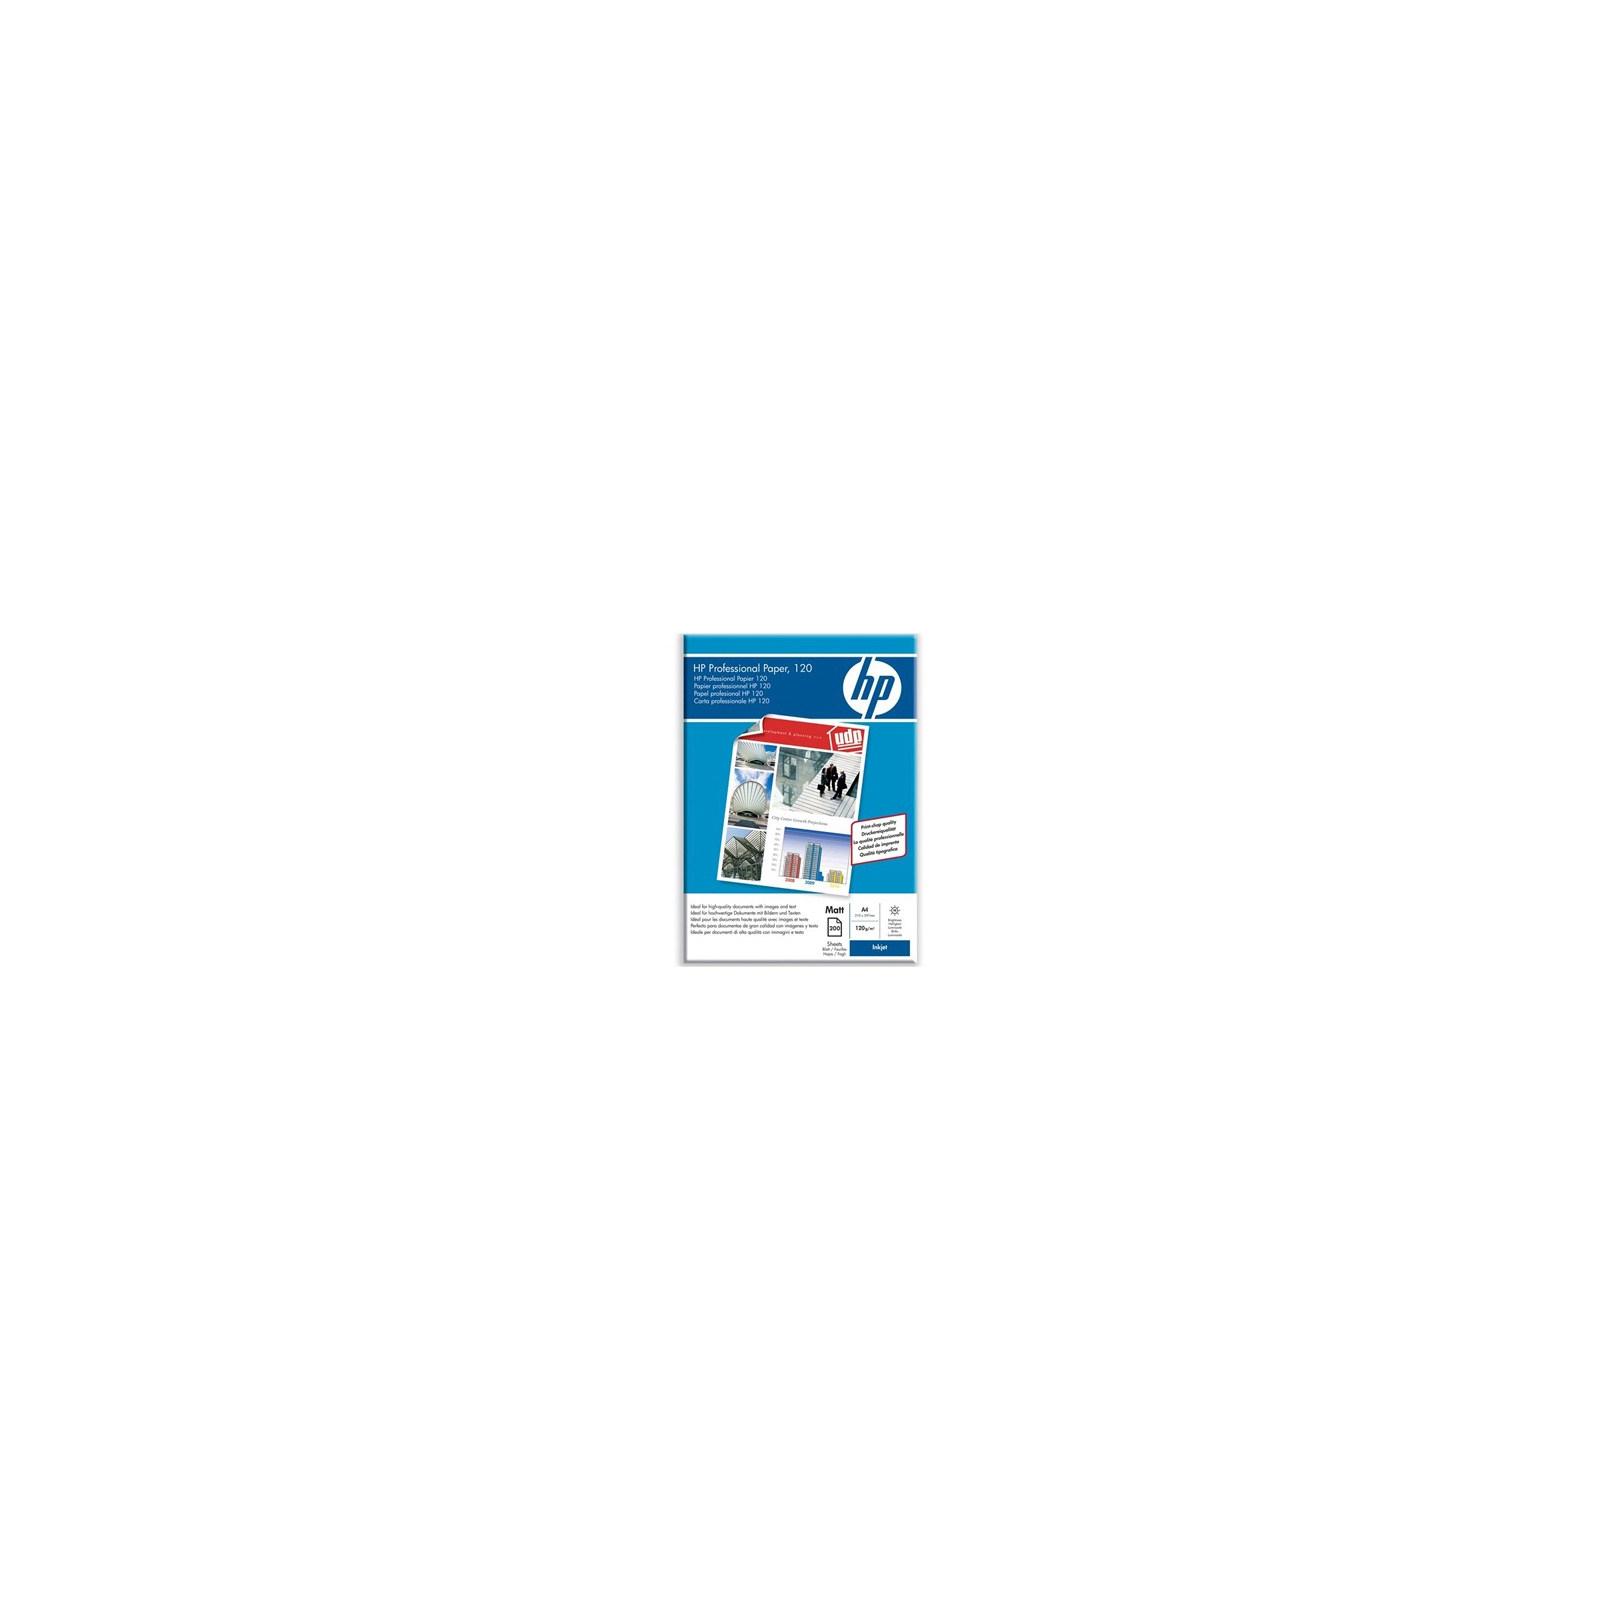 Бумага HP А4 Professional Inkjet Matte (Q6593A)